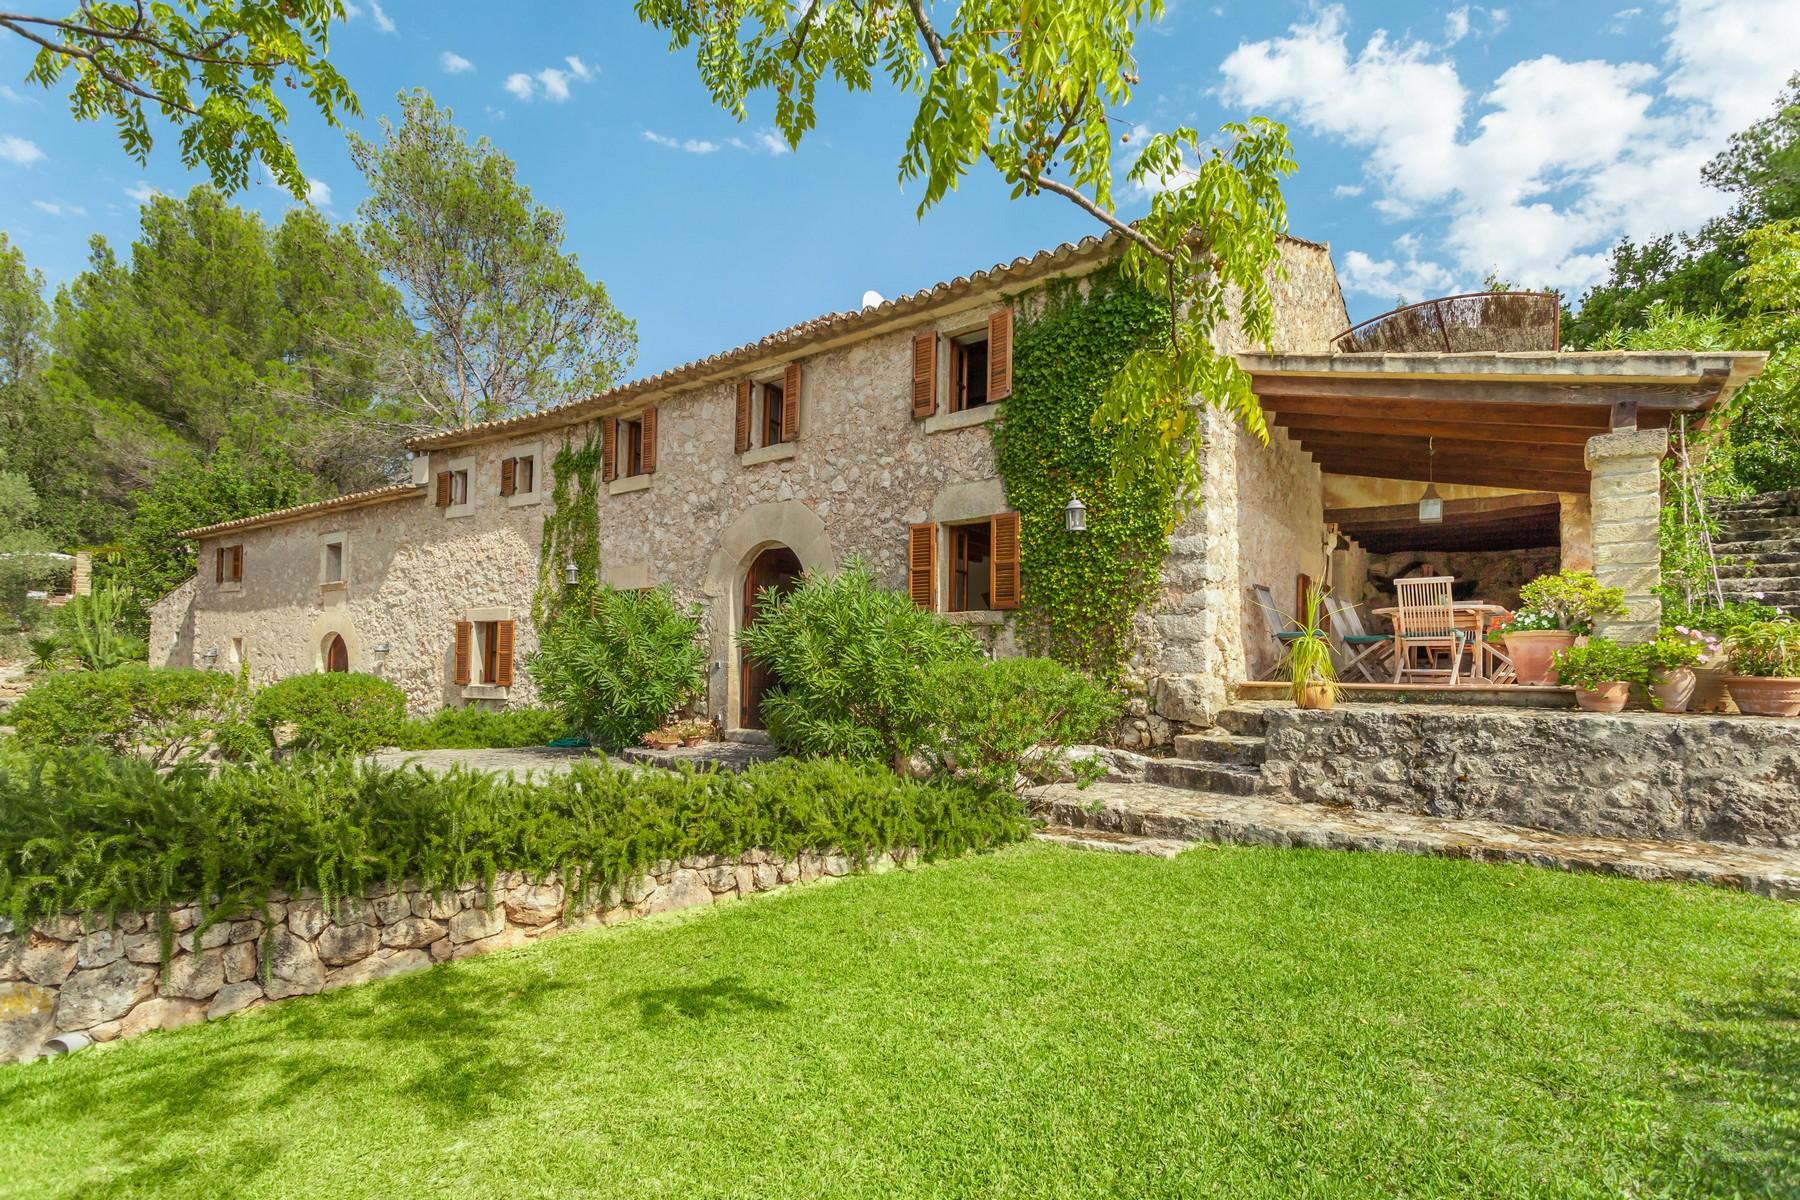 Einfamilienhaus für Verkauf beim Exklusive Finca mit herrlichem Blick in Pollensa Pollenca, Balearic Islands 07460 Spanien